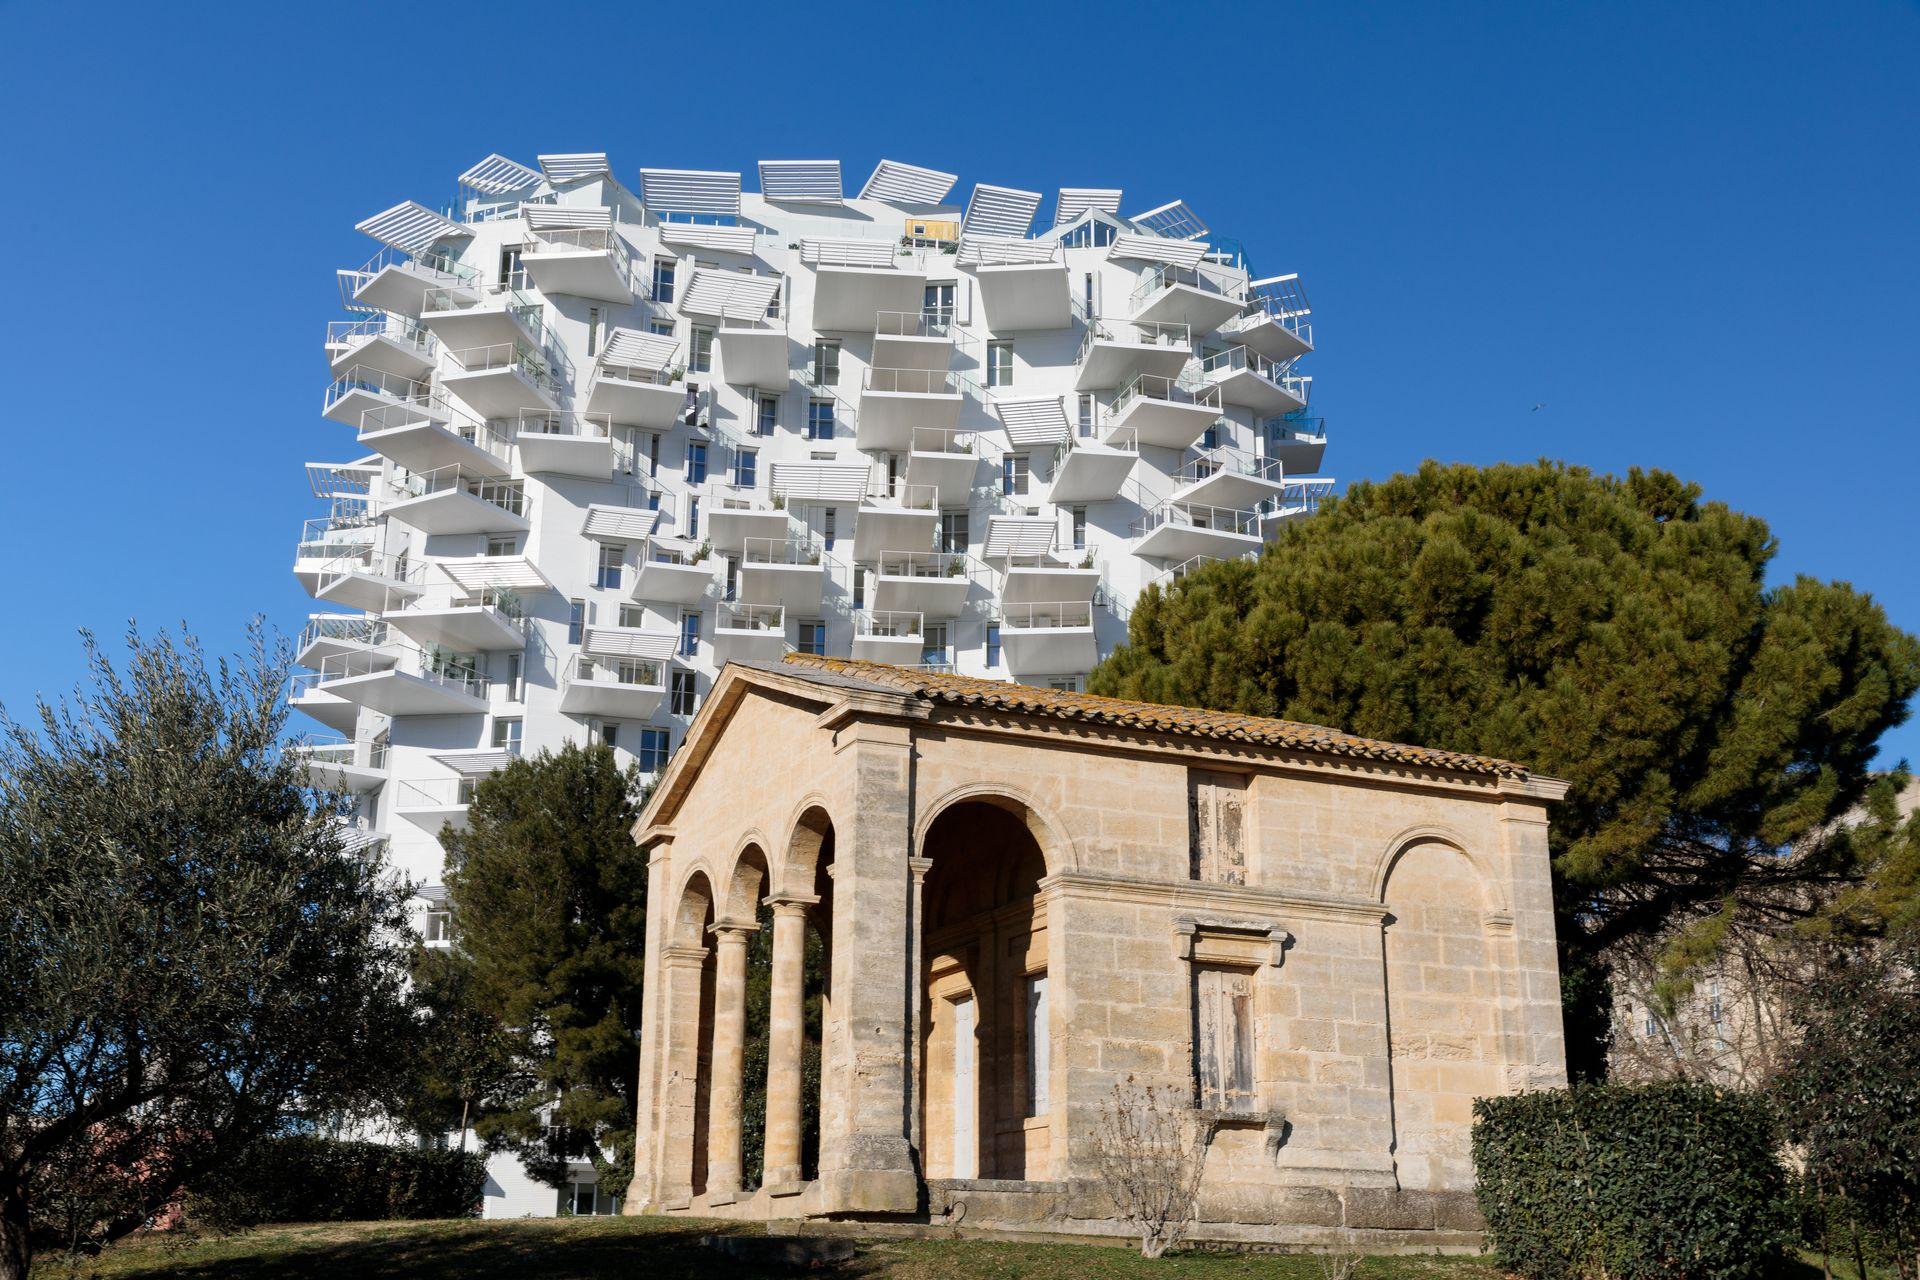 L'arbre blanc de Montpellier aux abords de la ville millénaire